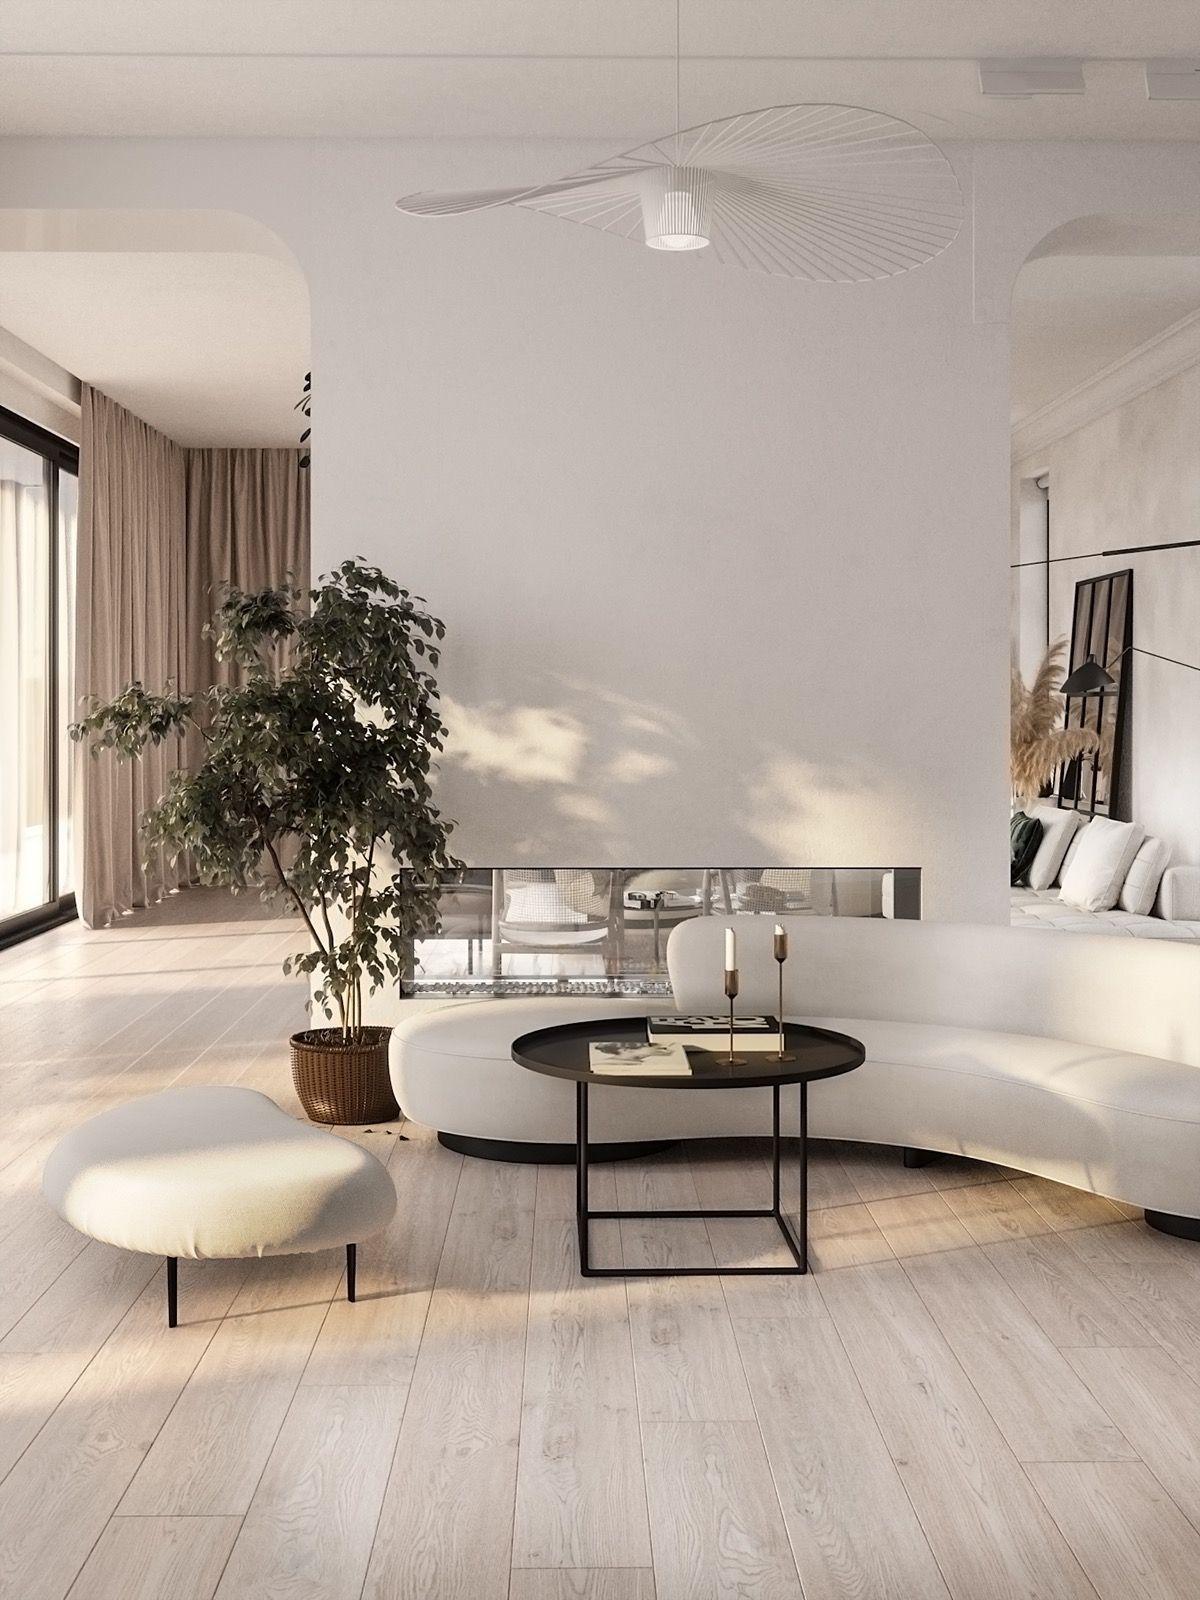 Modern Mediterranean Style Interior Design Mediterranean Styles Interior Minimalist Living Room Interior Design Living Room